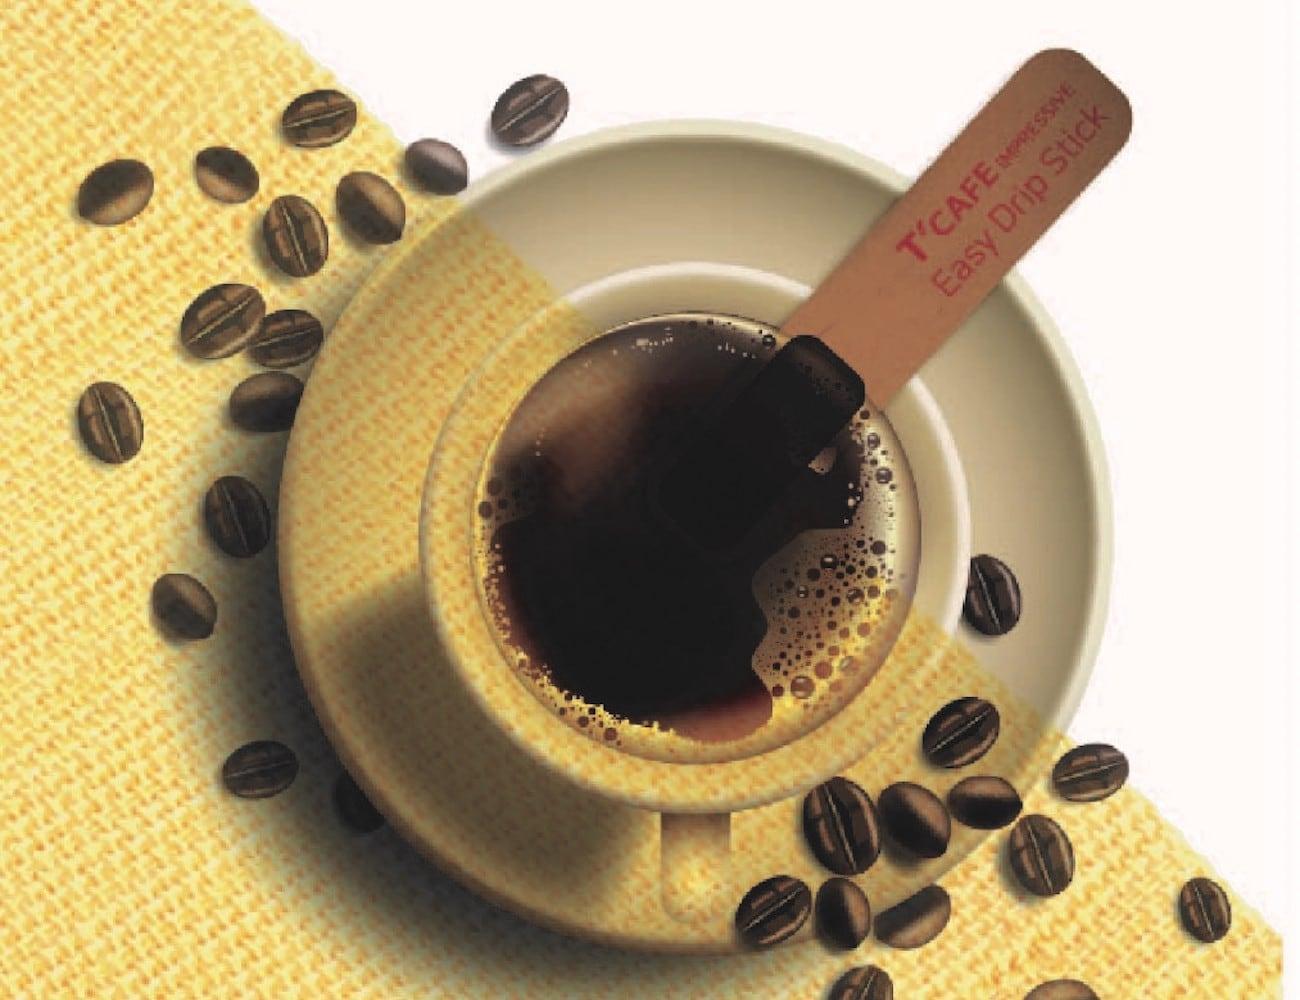 T'remo Drip Stick Coffee